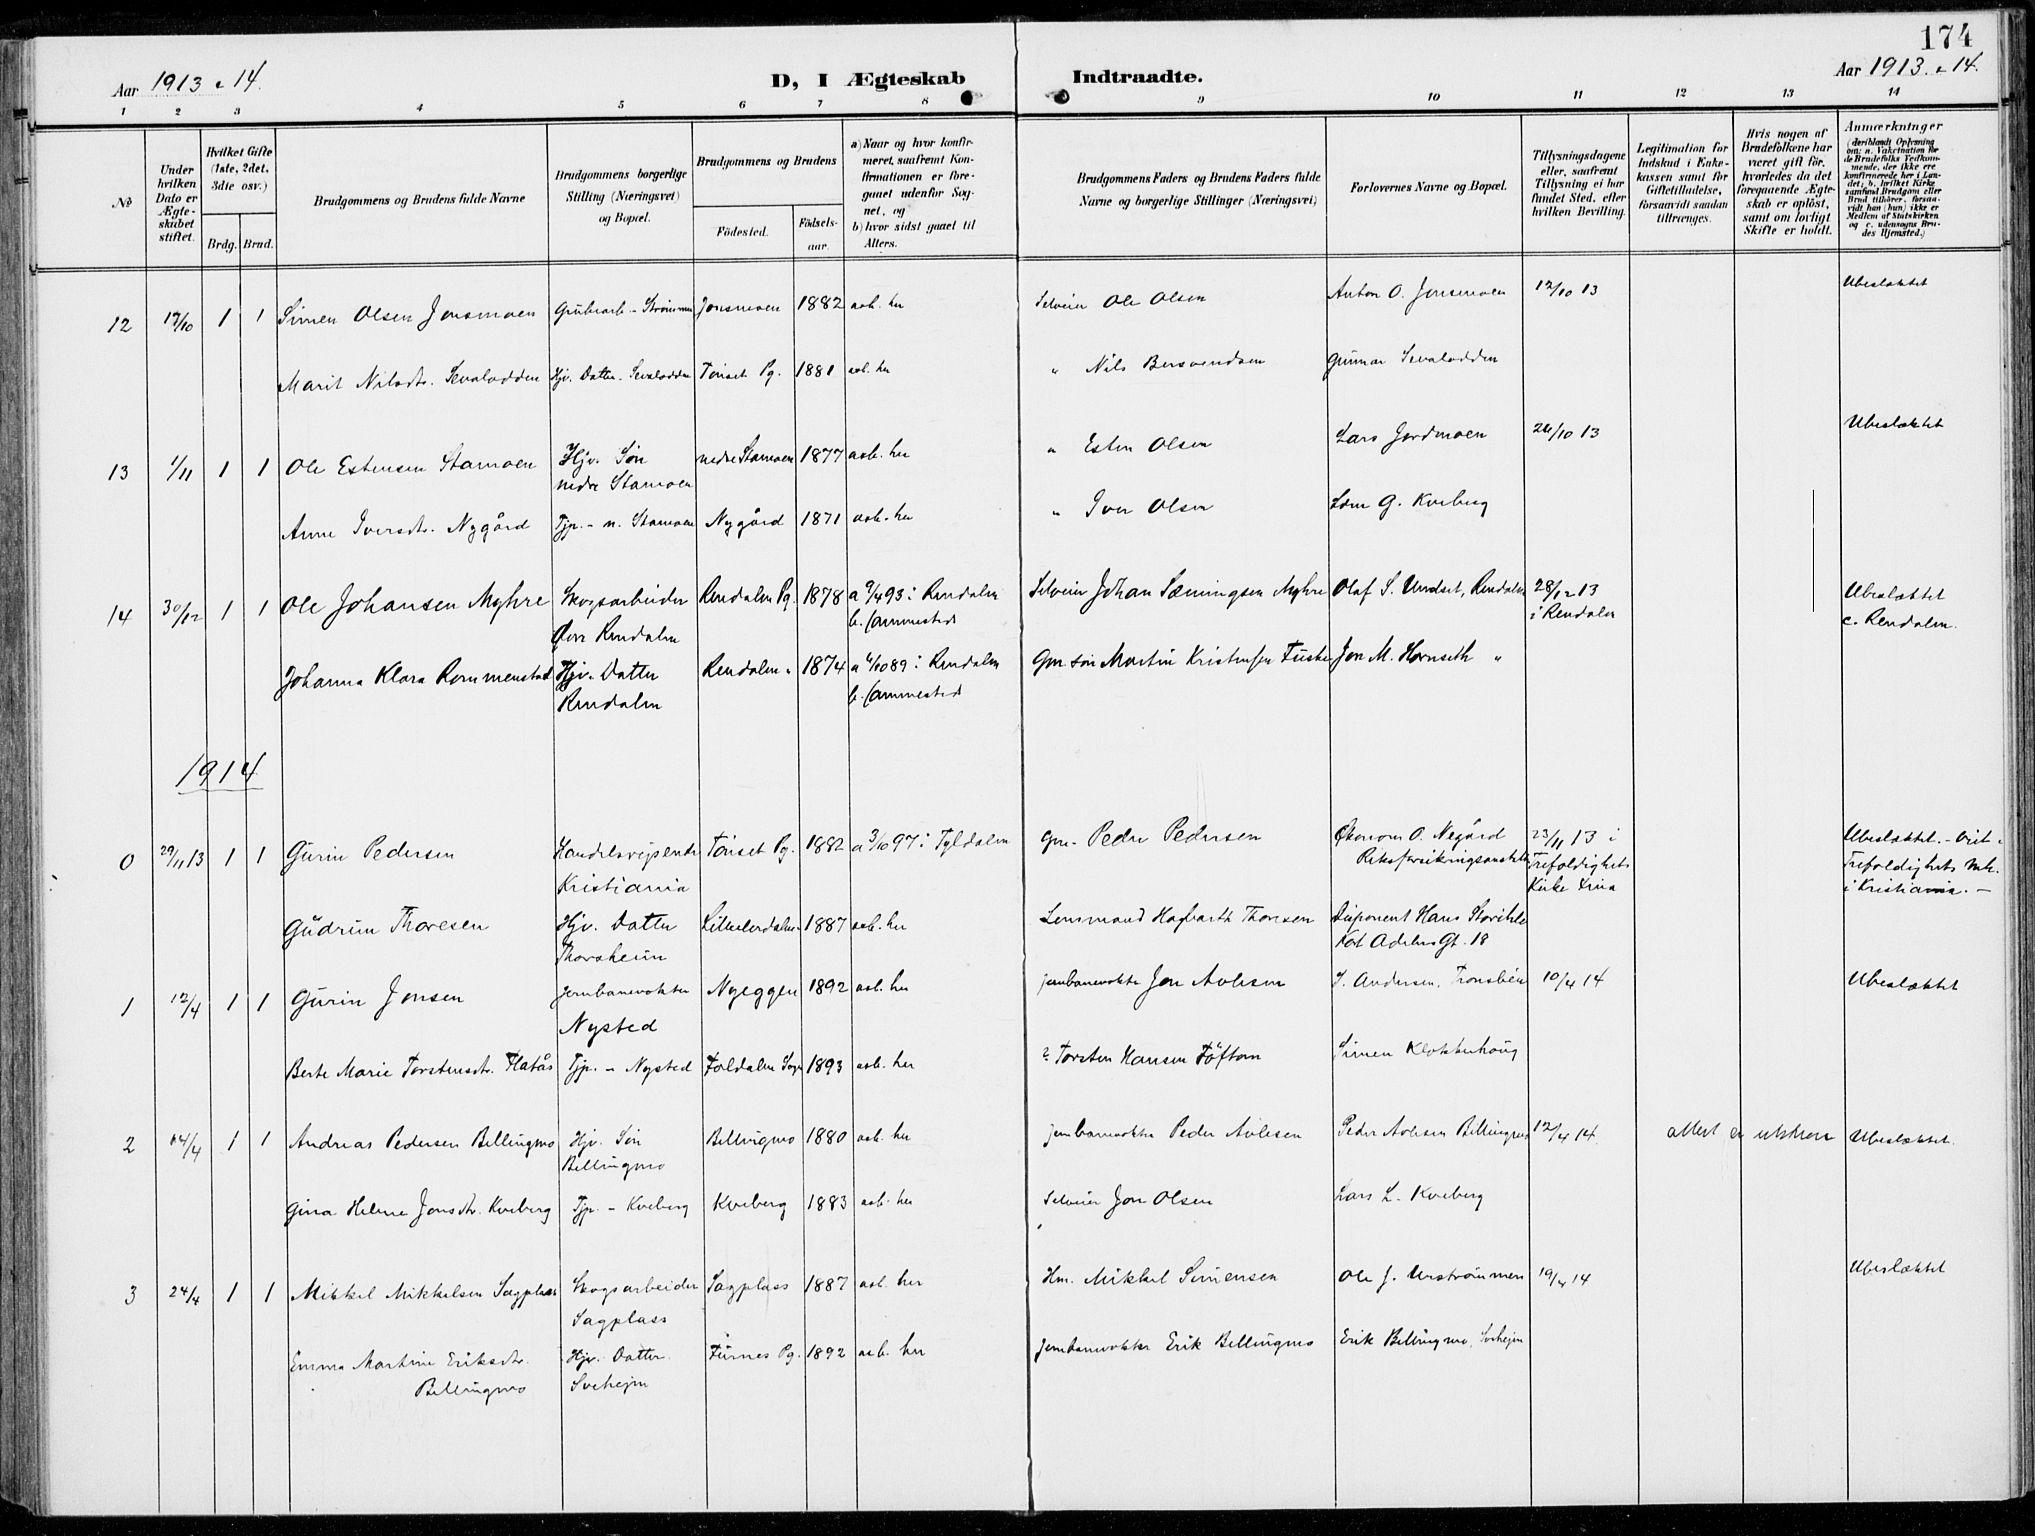 SAH, Alvdal prestekontor, Ministerialbok nr. 4, 1907-1919, s. 174